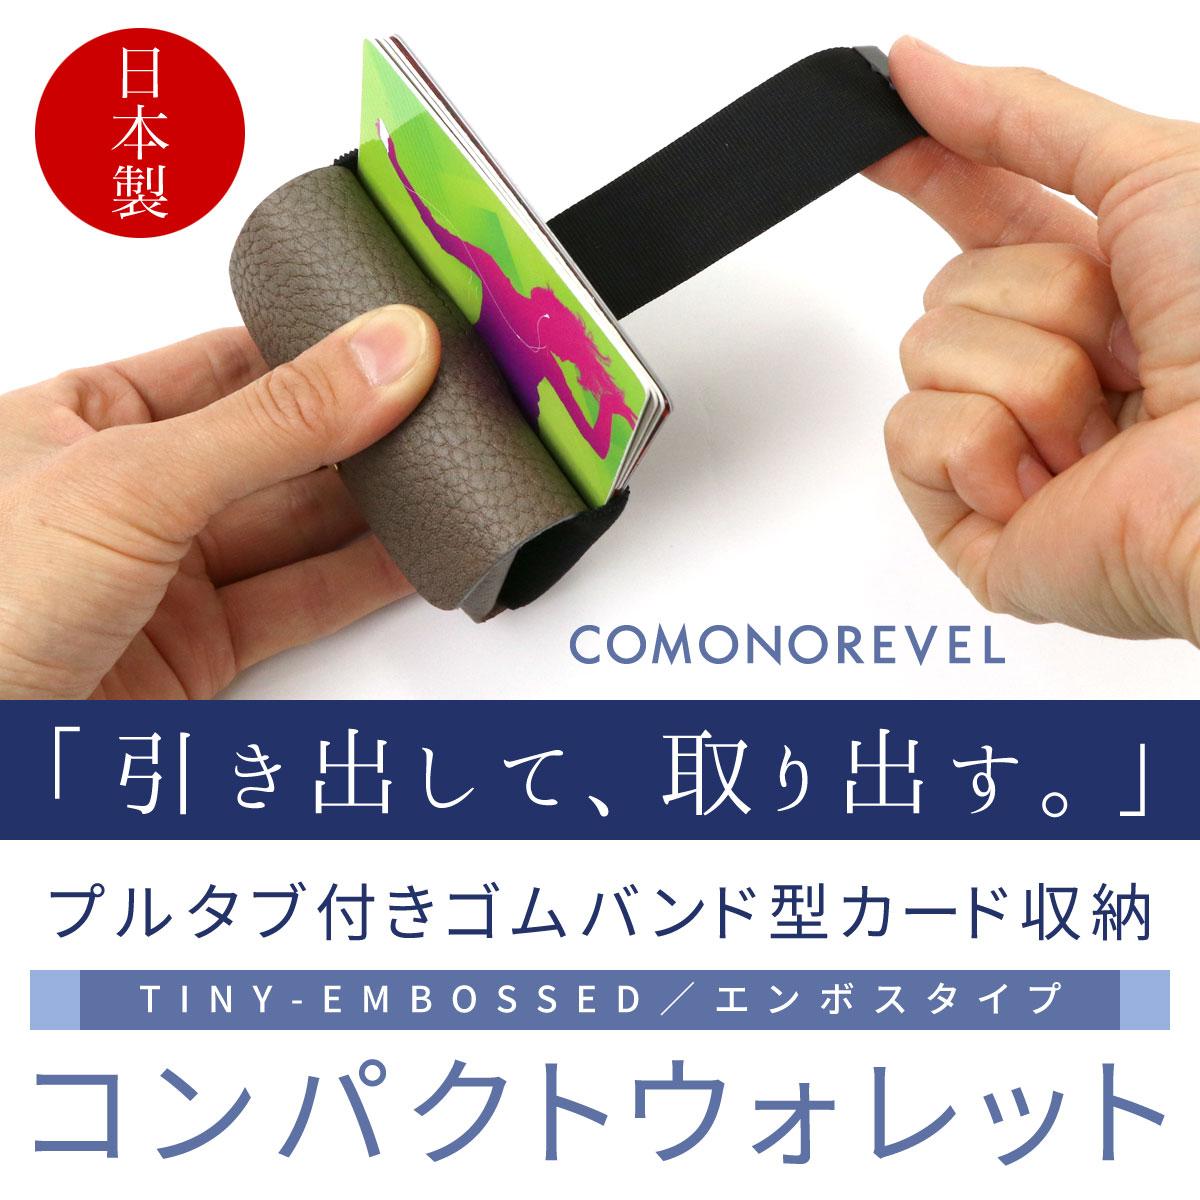 ミニ財布 コンパクトウォレット TINY EMBOSSED 日本製 メンズ 本革 たつのレザー オイルレザー シュリンクレザー 型押し COMONOREVEL コモノレヴェル CLOWBAR クロウバー COM-ONO コムォノ